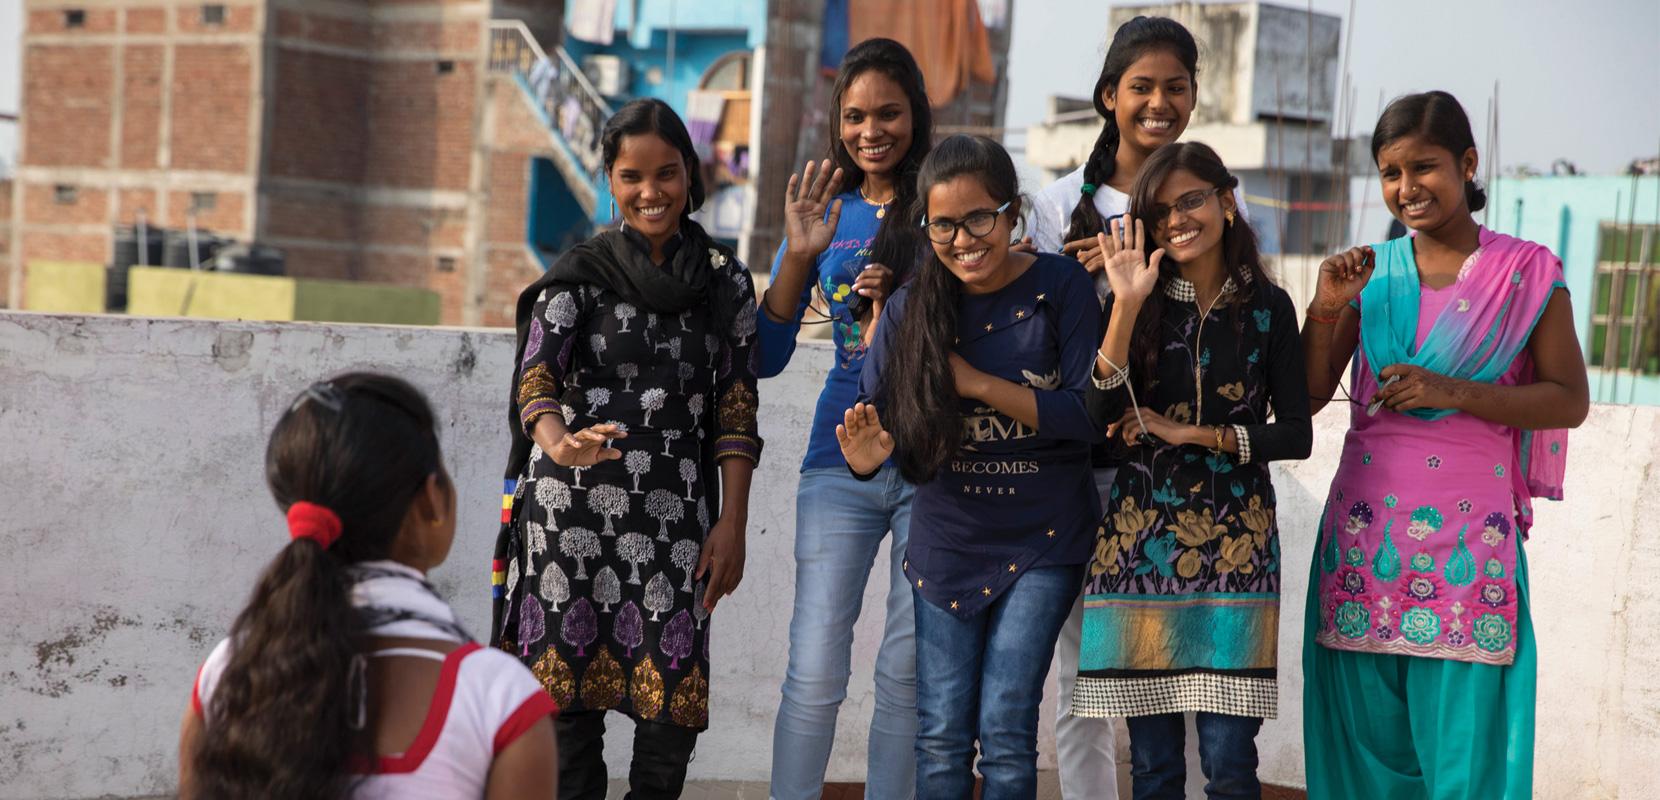 Adolescent girls in India